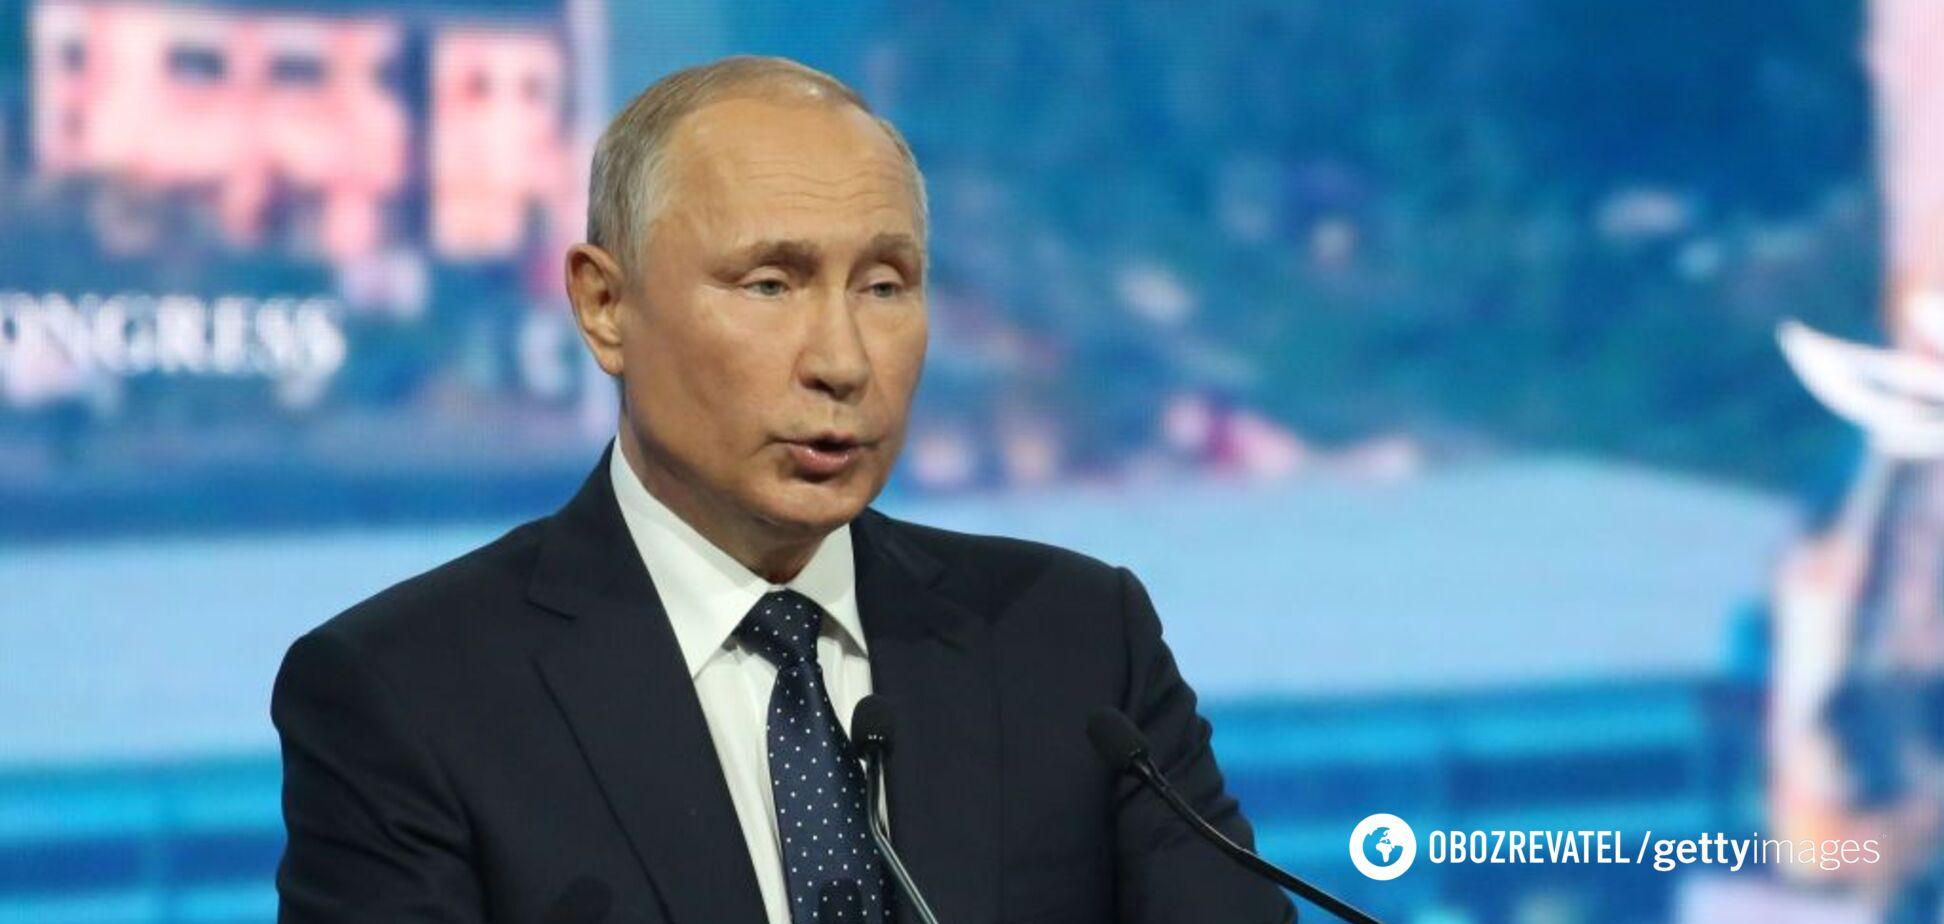 'Навіть казковий довбо... це знає': Путіна поставили на місце через Японію та Крим